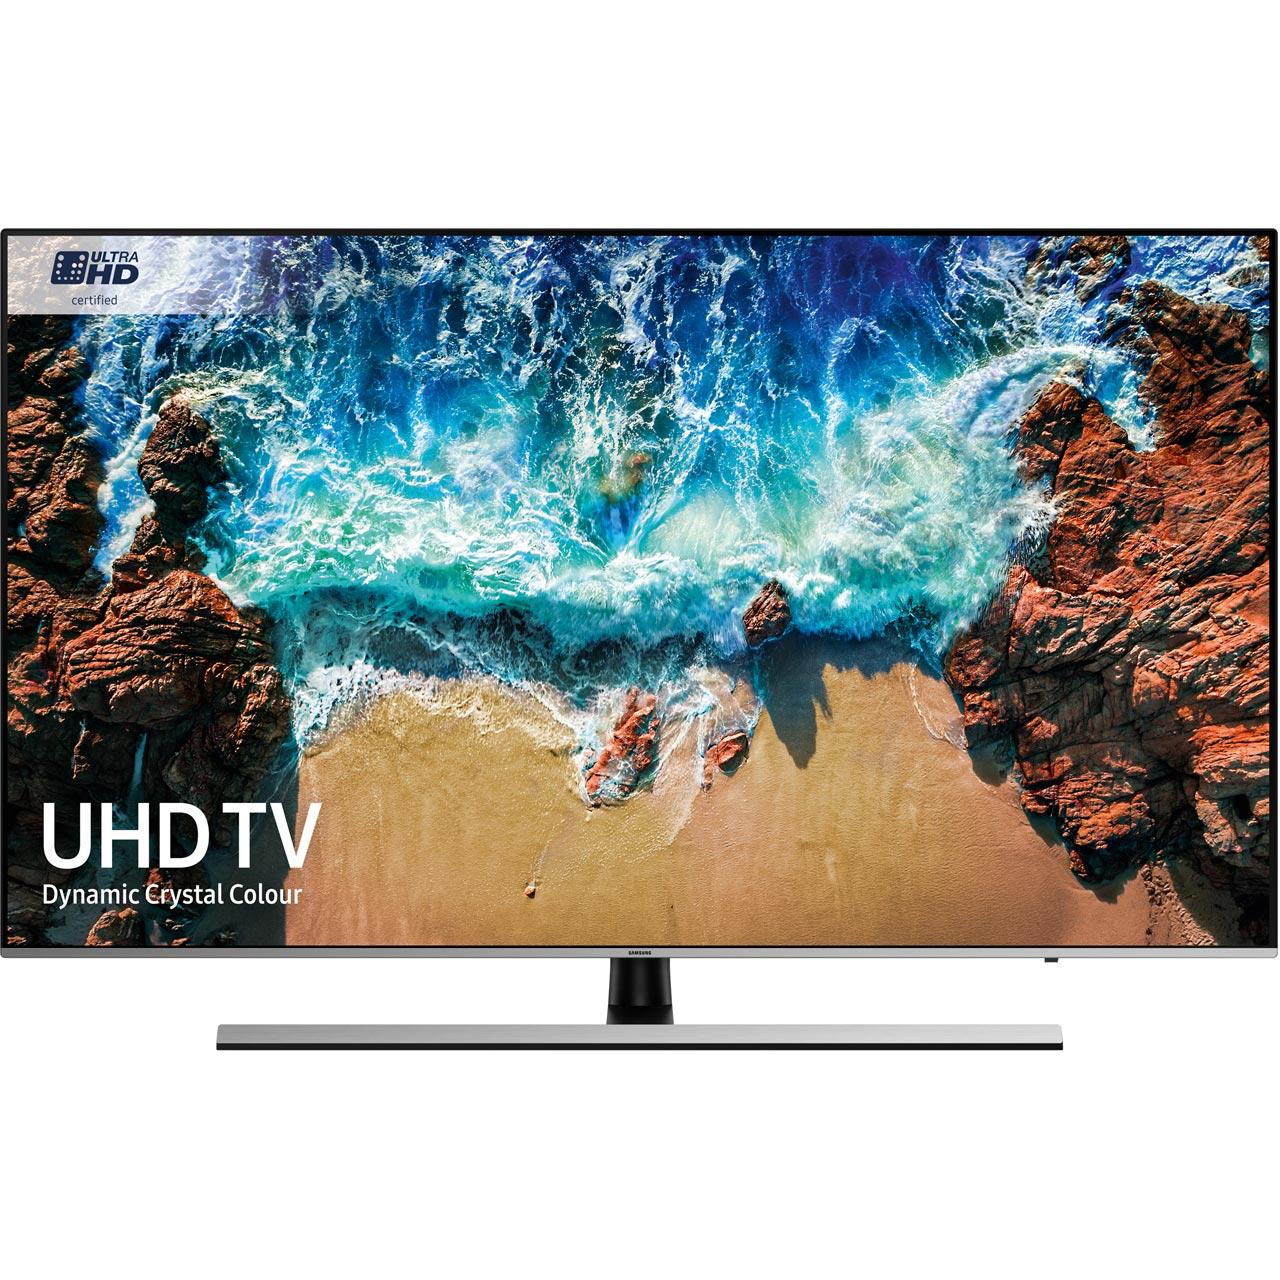 Купить телевизор в кредит – CPL Finance